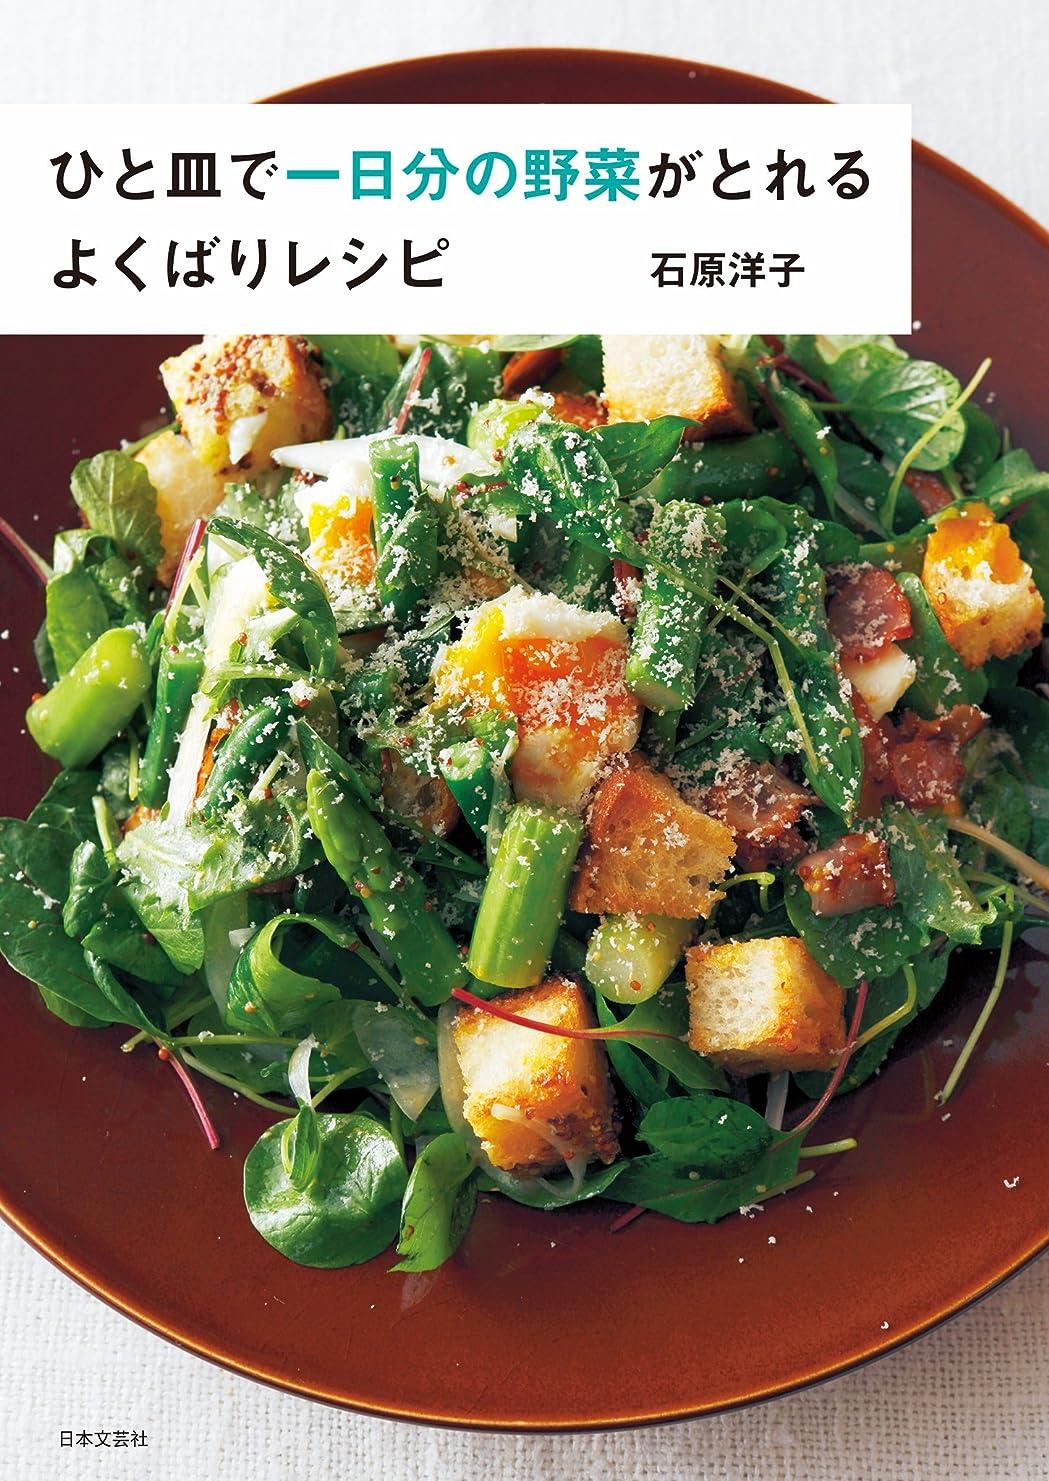 治療リマ船尾ひと皿で一日分の野菜がとれる よくばりレシピ